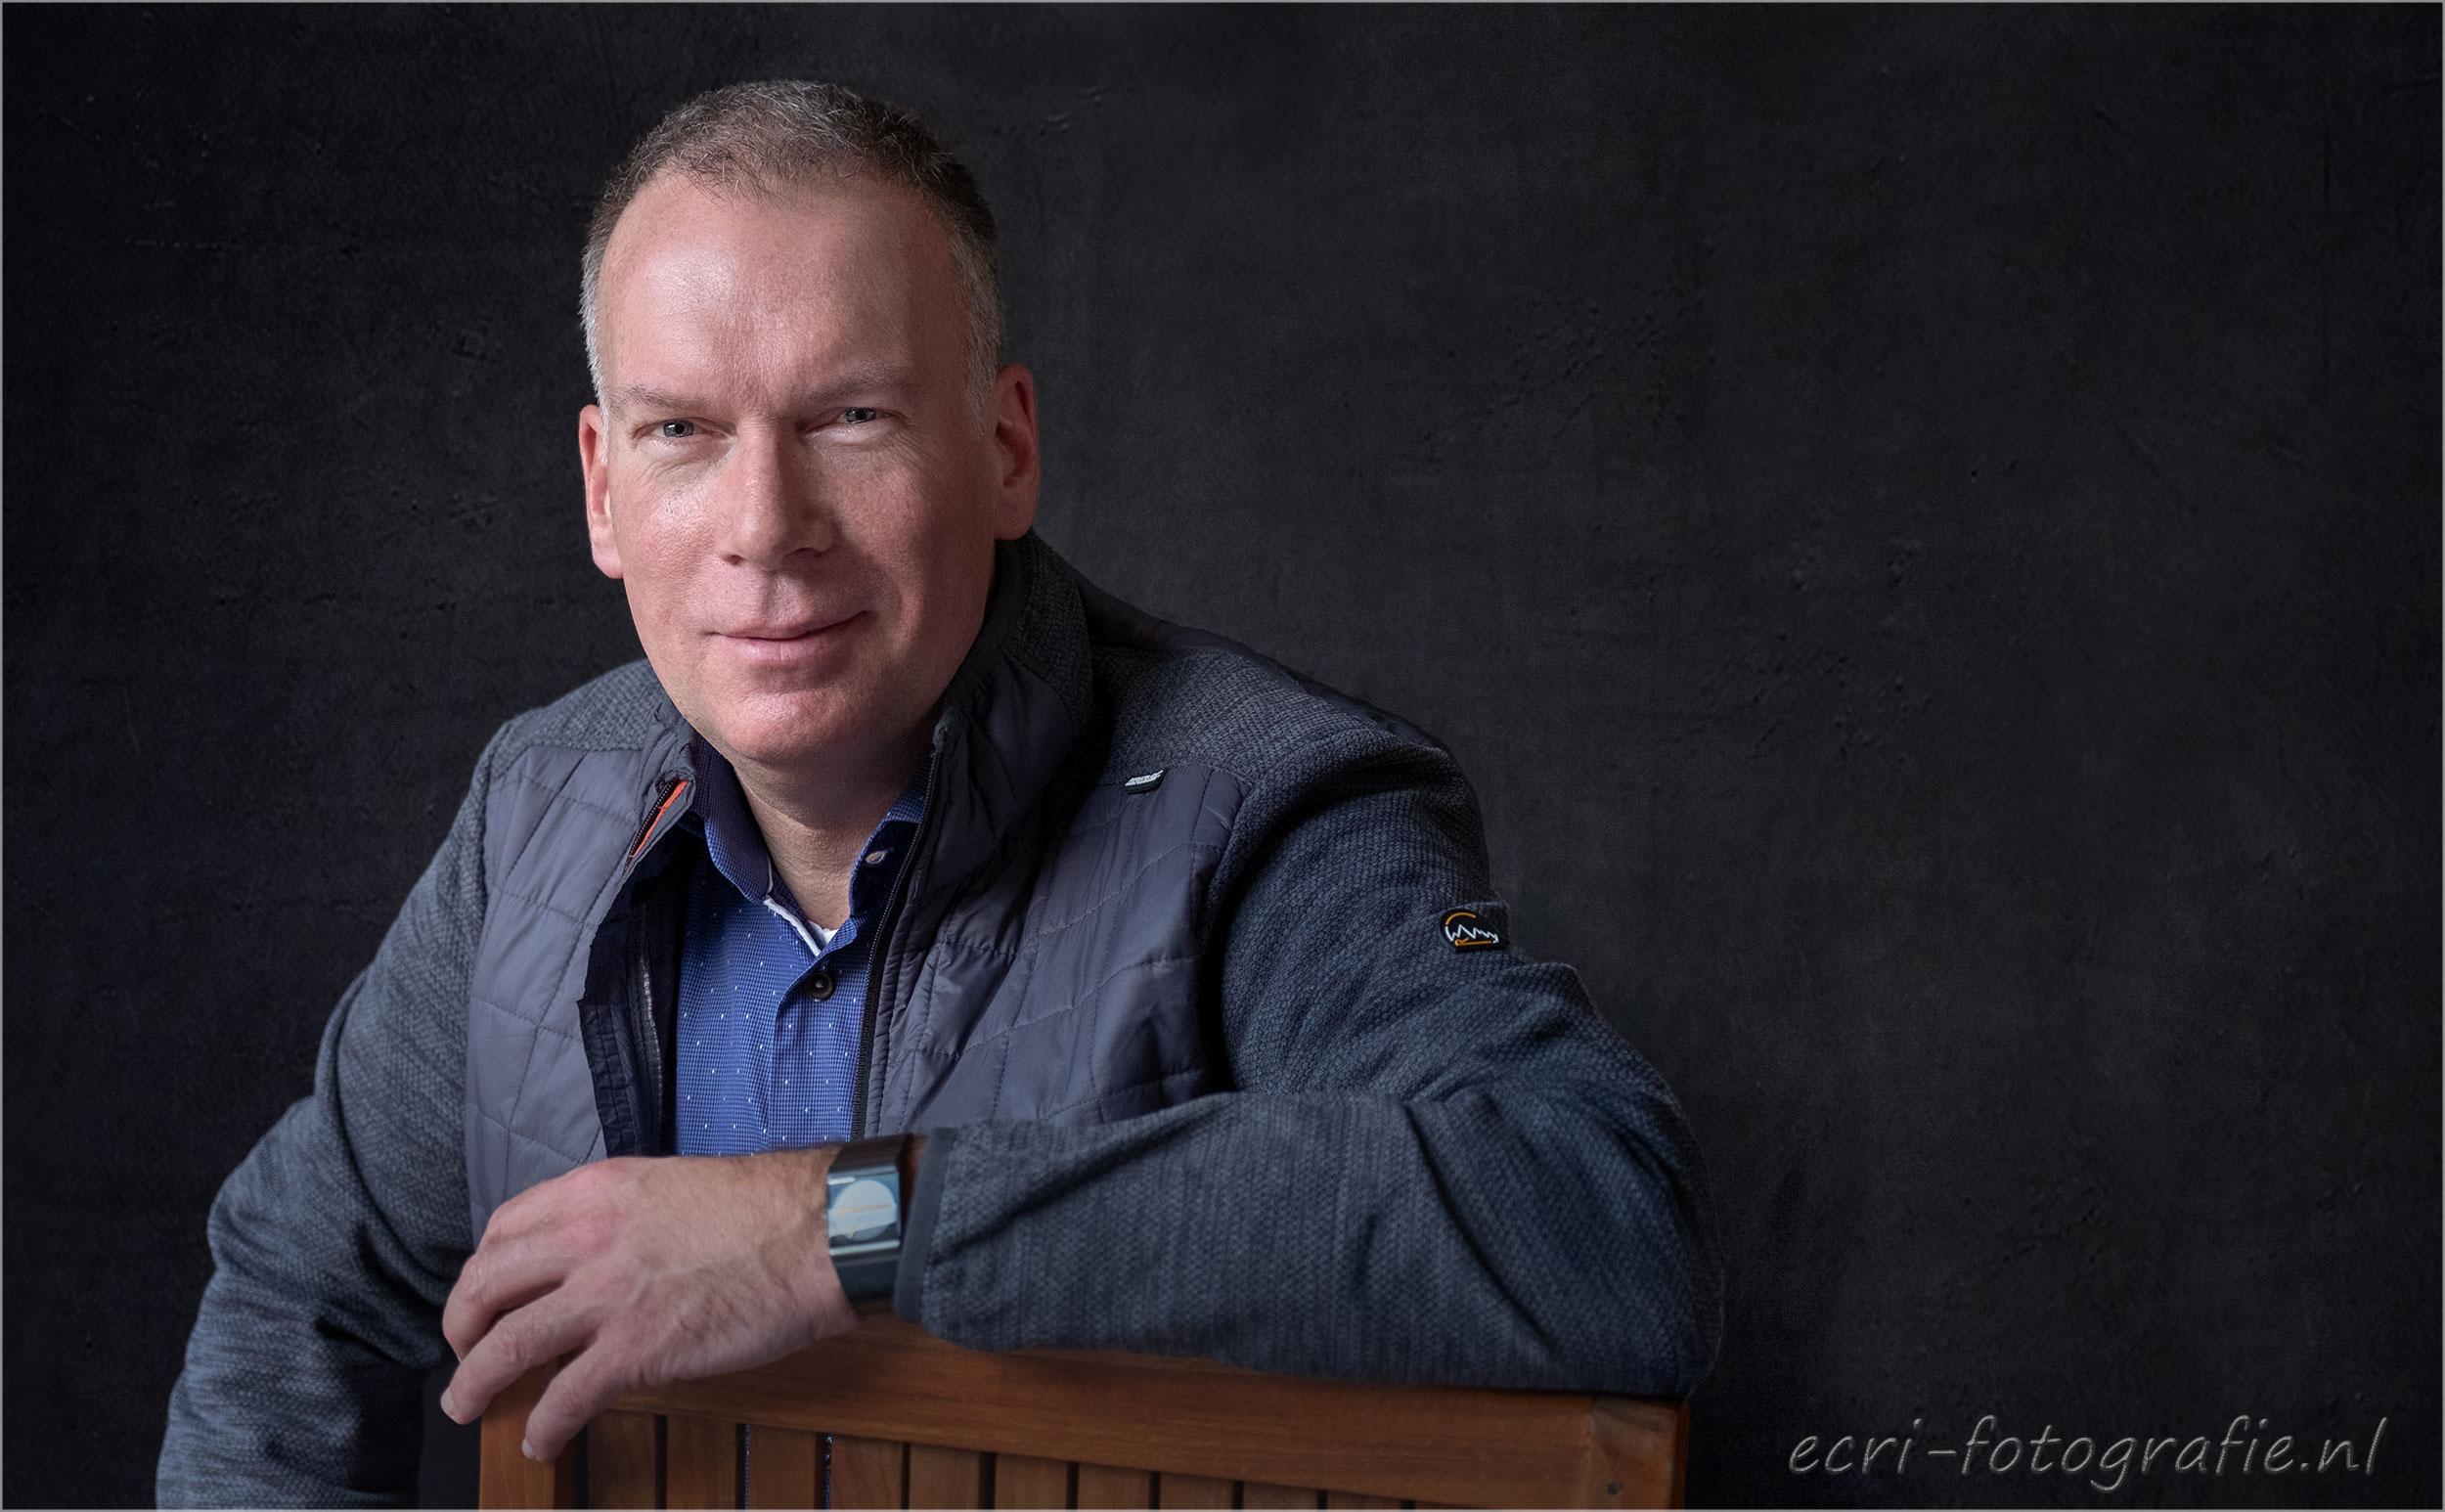 ecri-fotografie, ecri-fotografie.nl, Eric de Jonge, portretfotografie